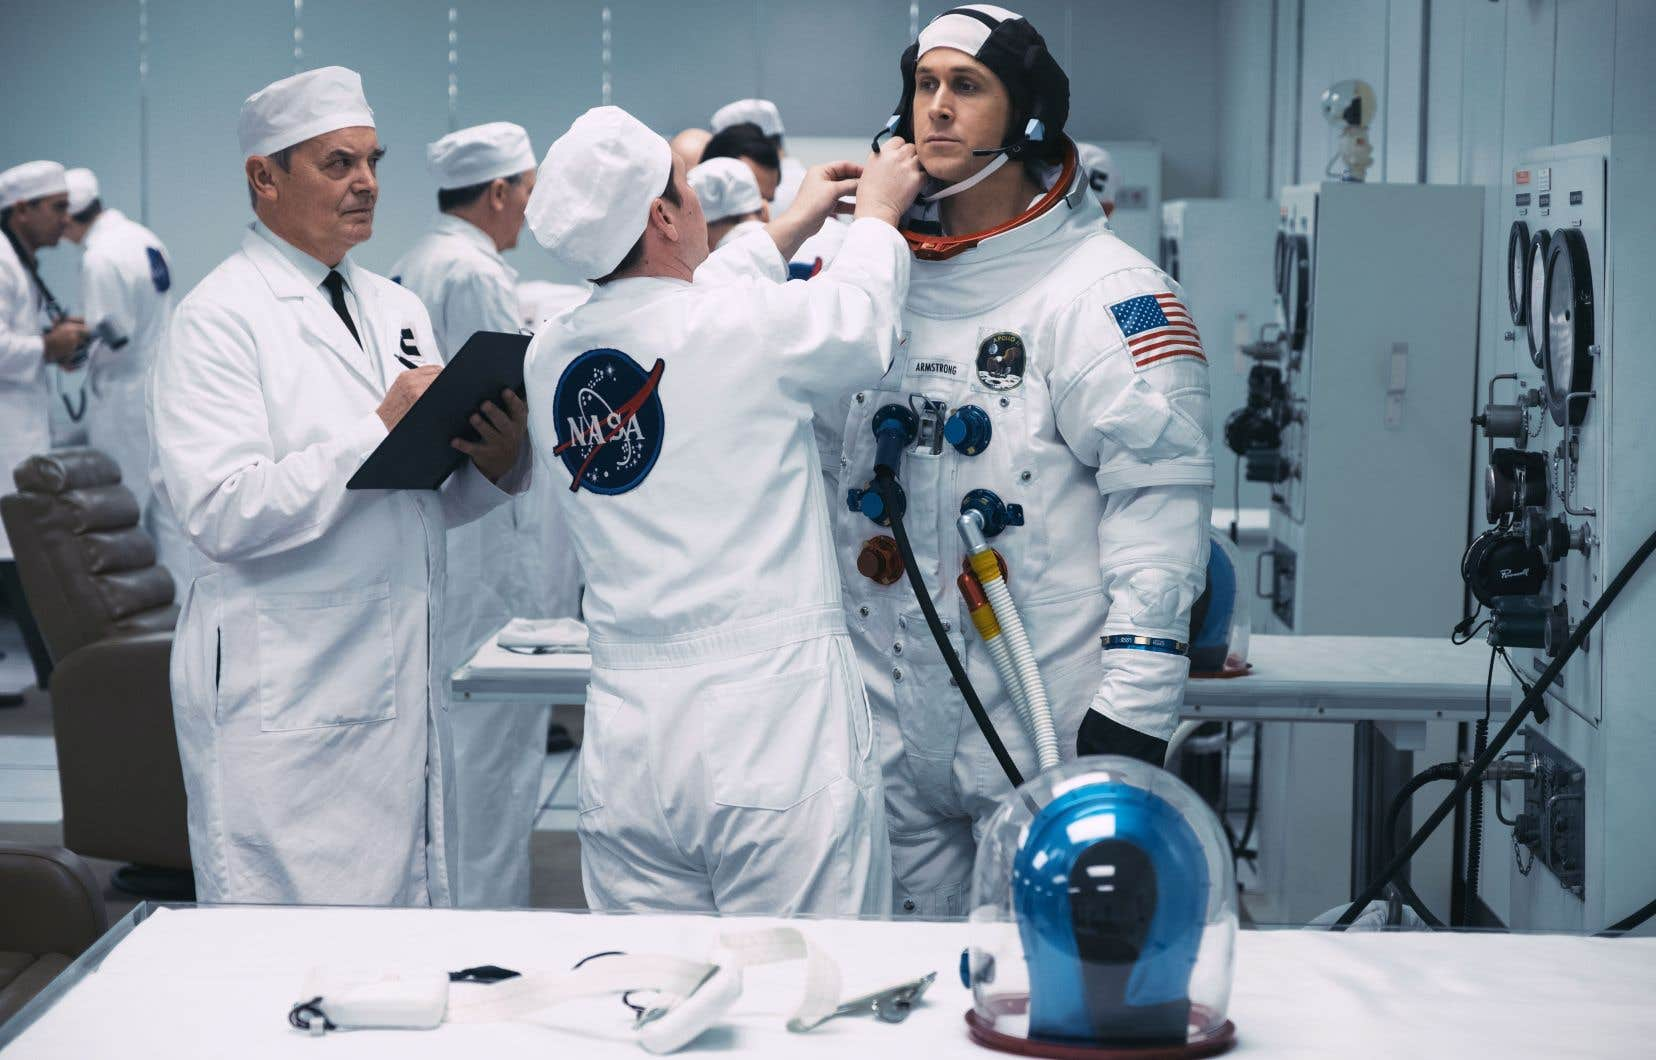 Dans «First Man», Ryan Gosling incarne Neil Armstrong, que rien ne prédestinait à devenir le premier homme à marcher sur la Lune.